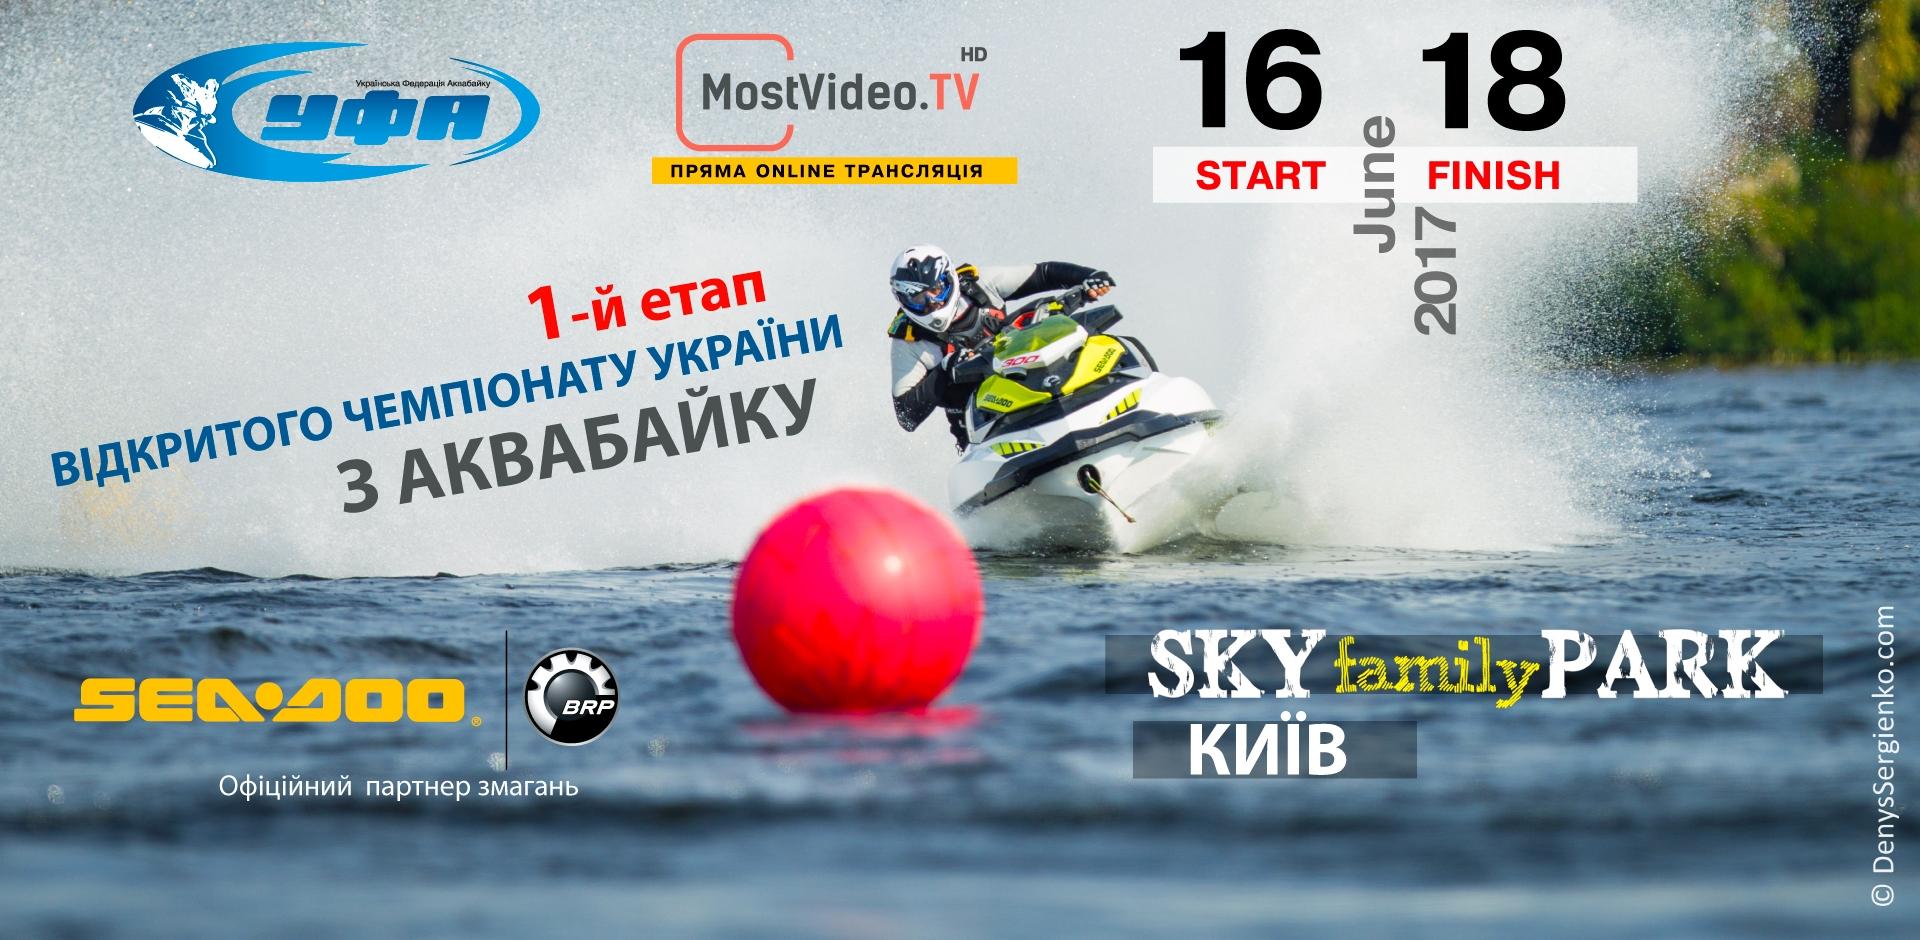 17-18 июня, 1-й этап чемпионата Украины по аквабайку!